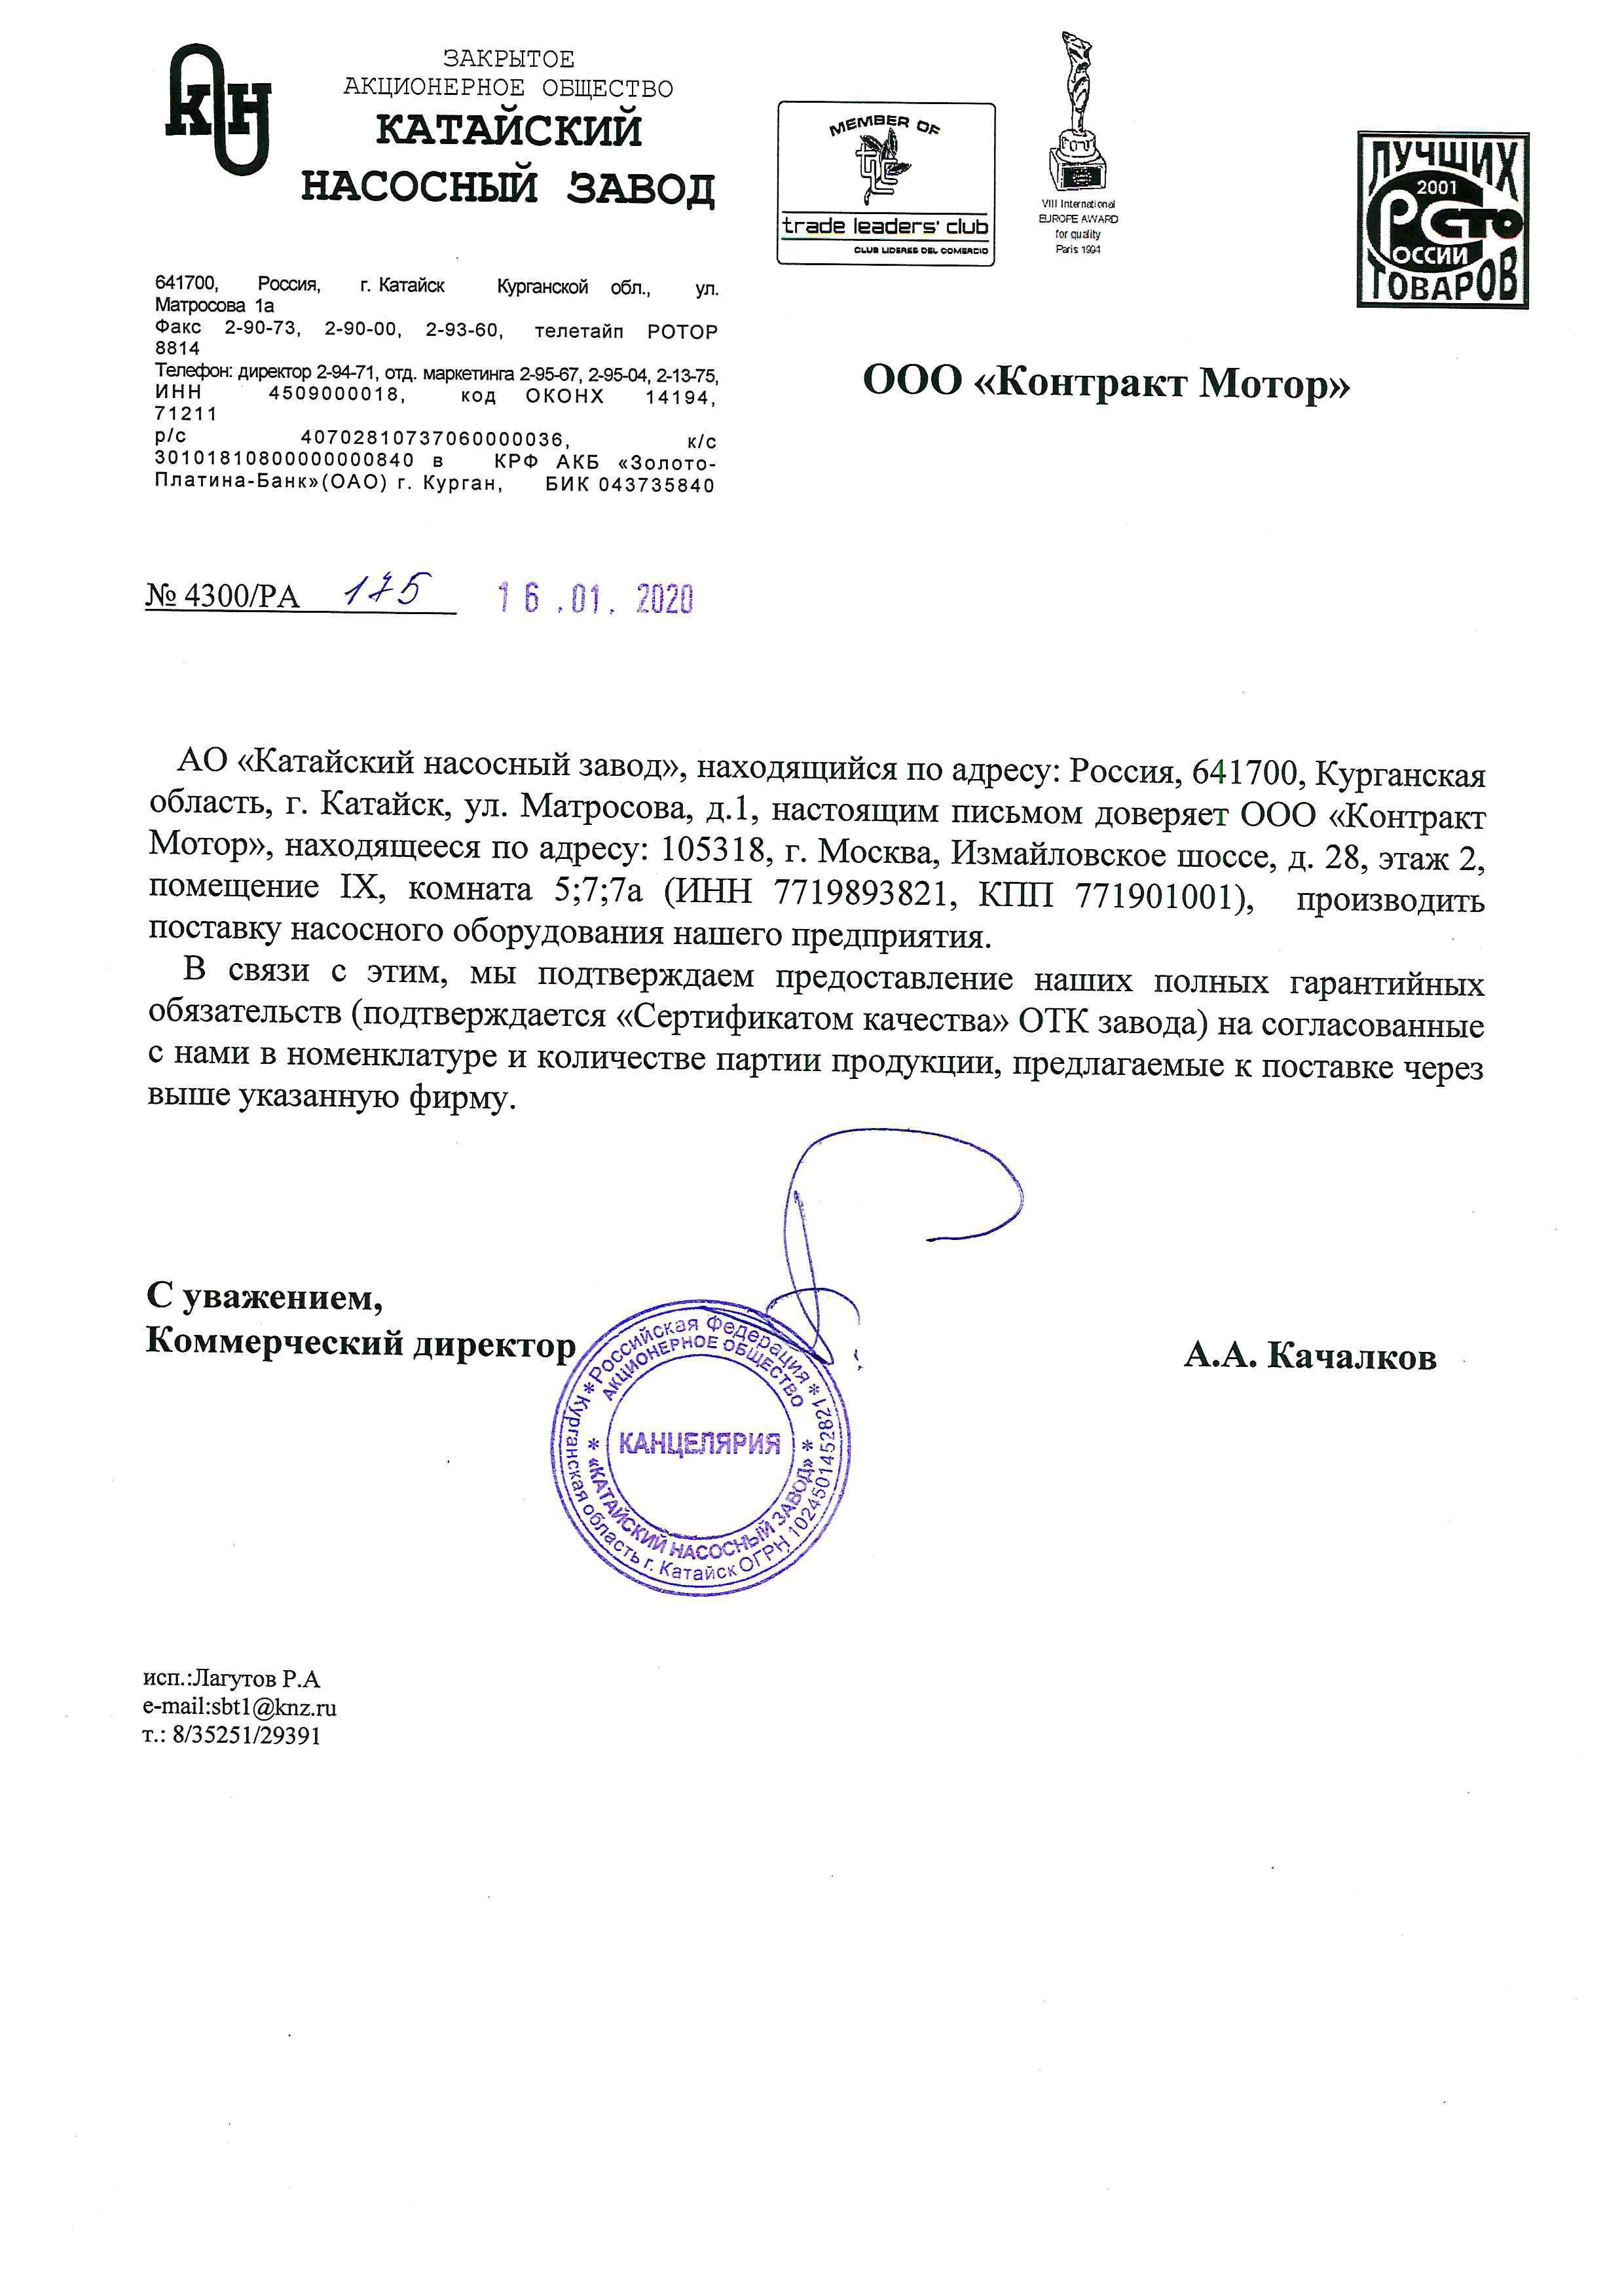 """Сертификат АО """"Катайский насосный завод"""""""